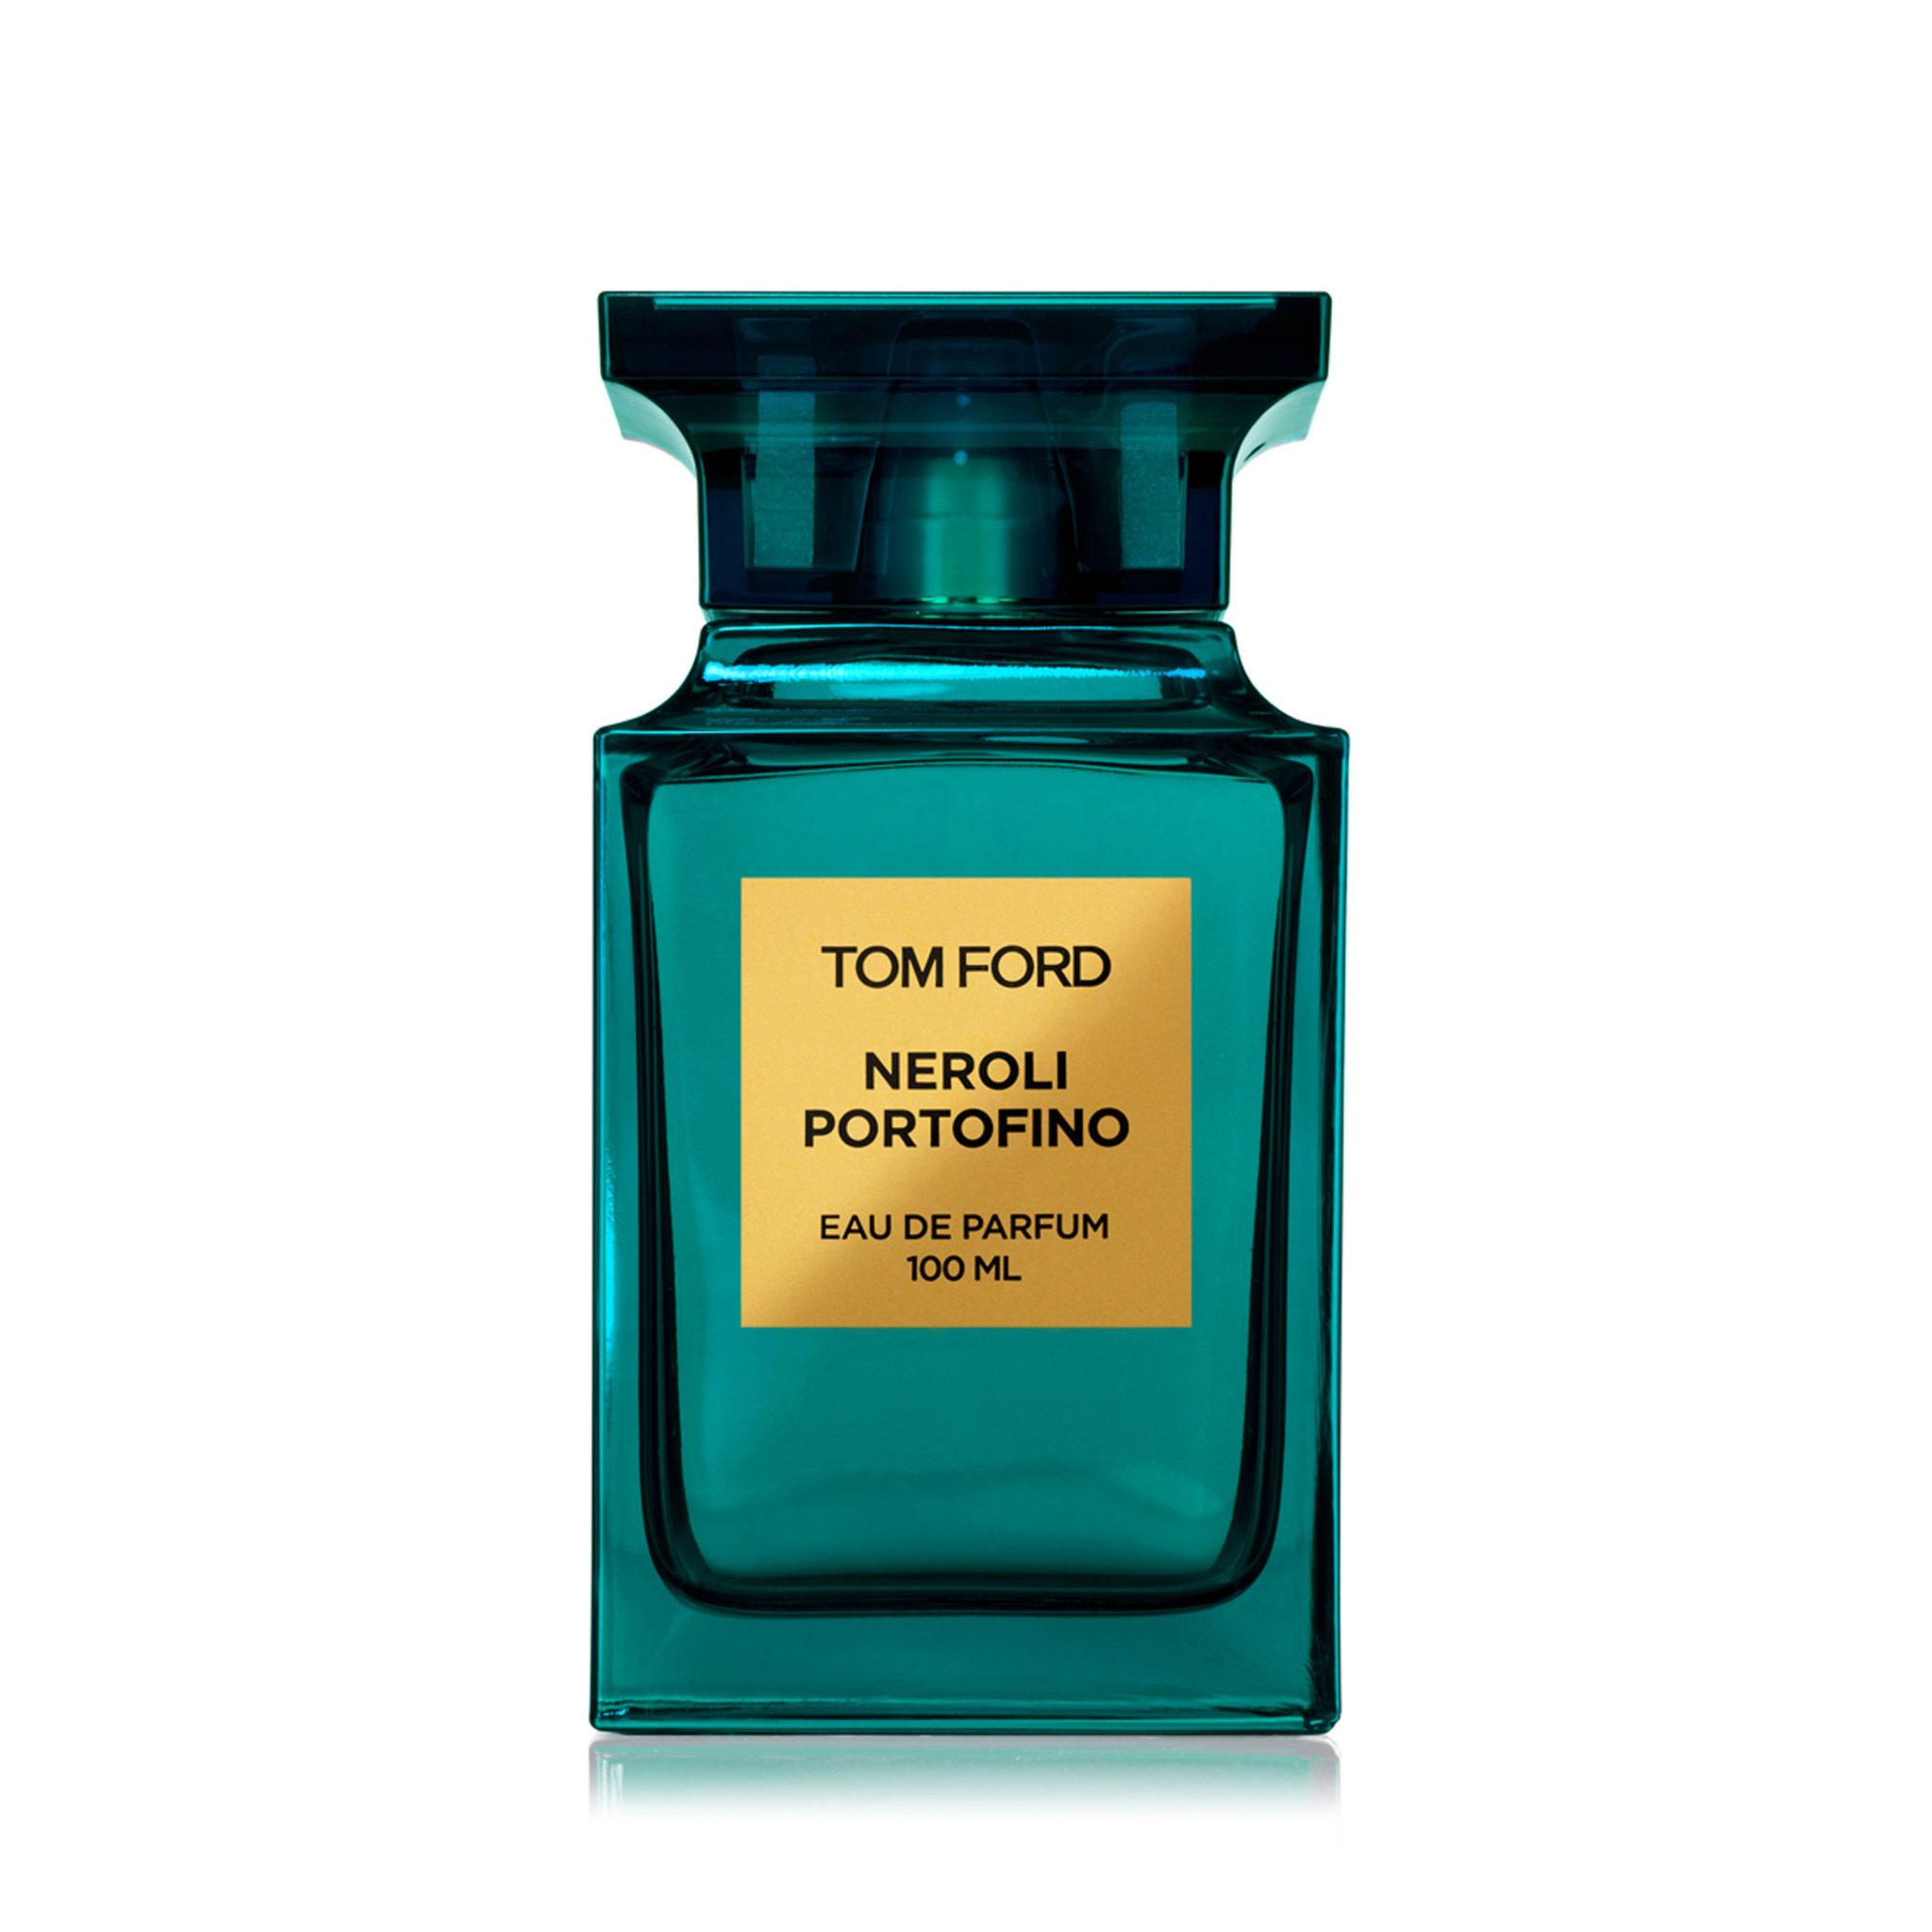 Neroli Portofino EdP, 100 ml, 100 ML